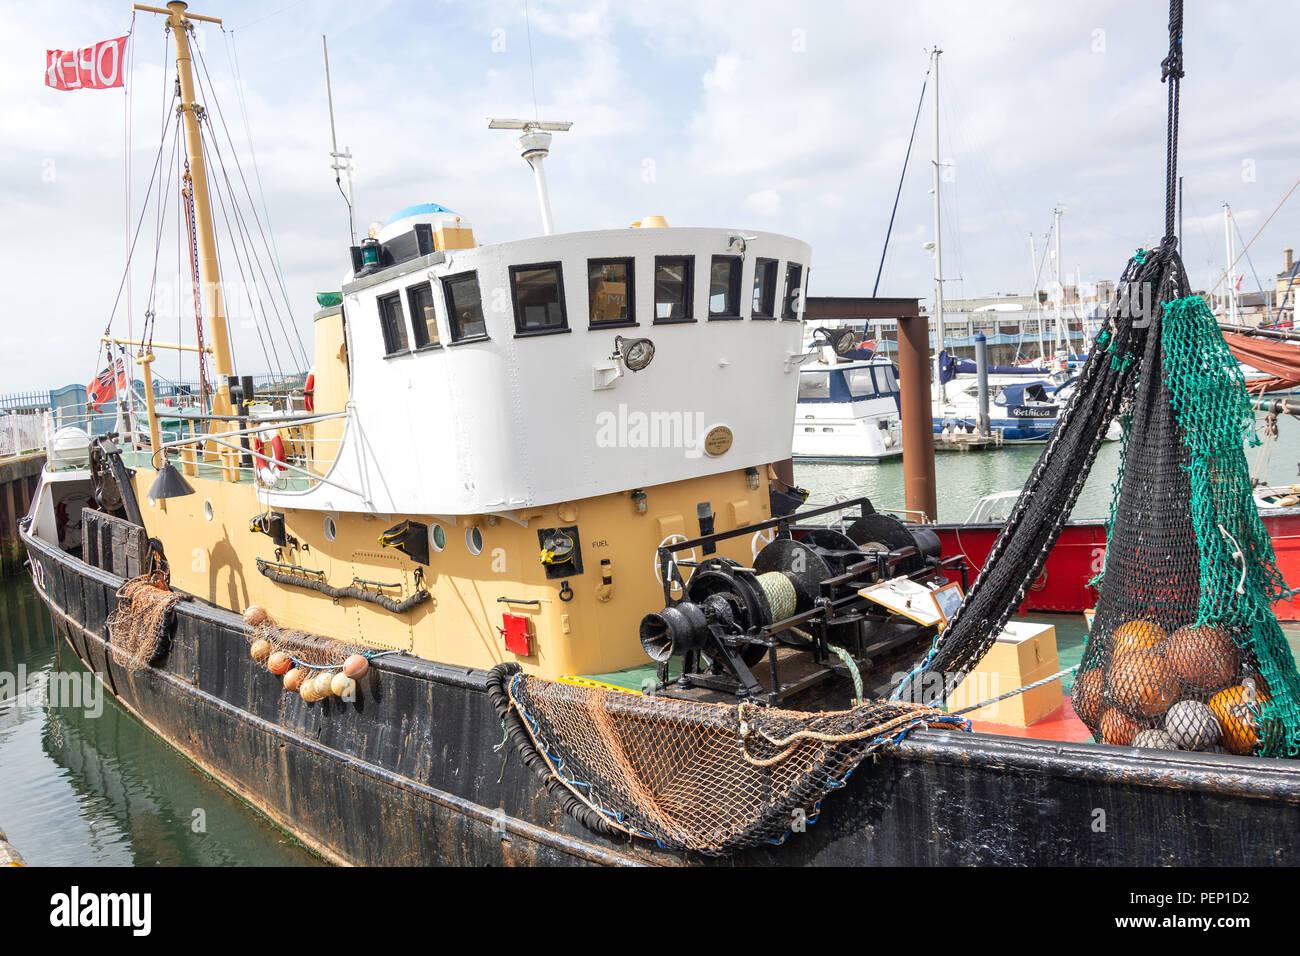 Mincarlo LT412 sidewinder de la pesca de arrastre, Lowestoft históricos barcos amarres, Marina, en Lowestoft Lowestoft, Suffolk, England, Reino Unido Foto de stock